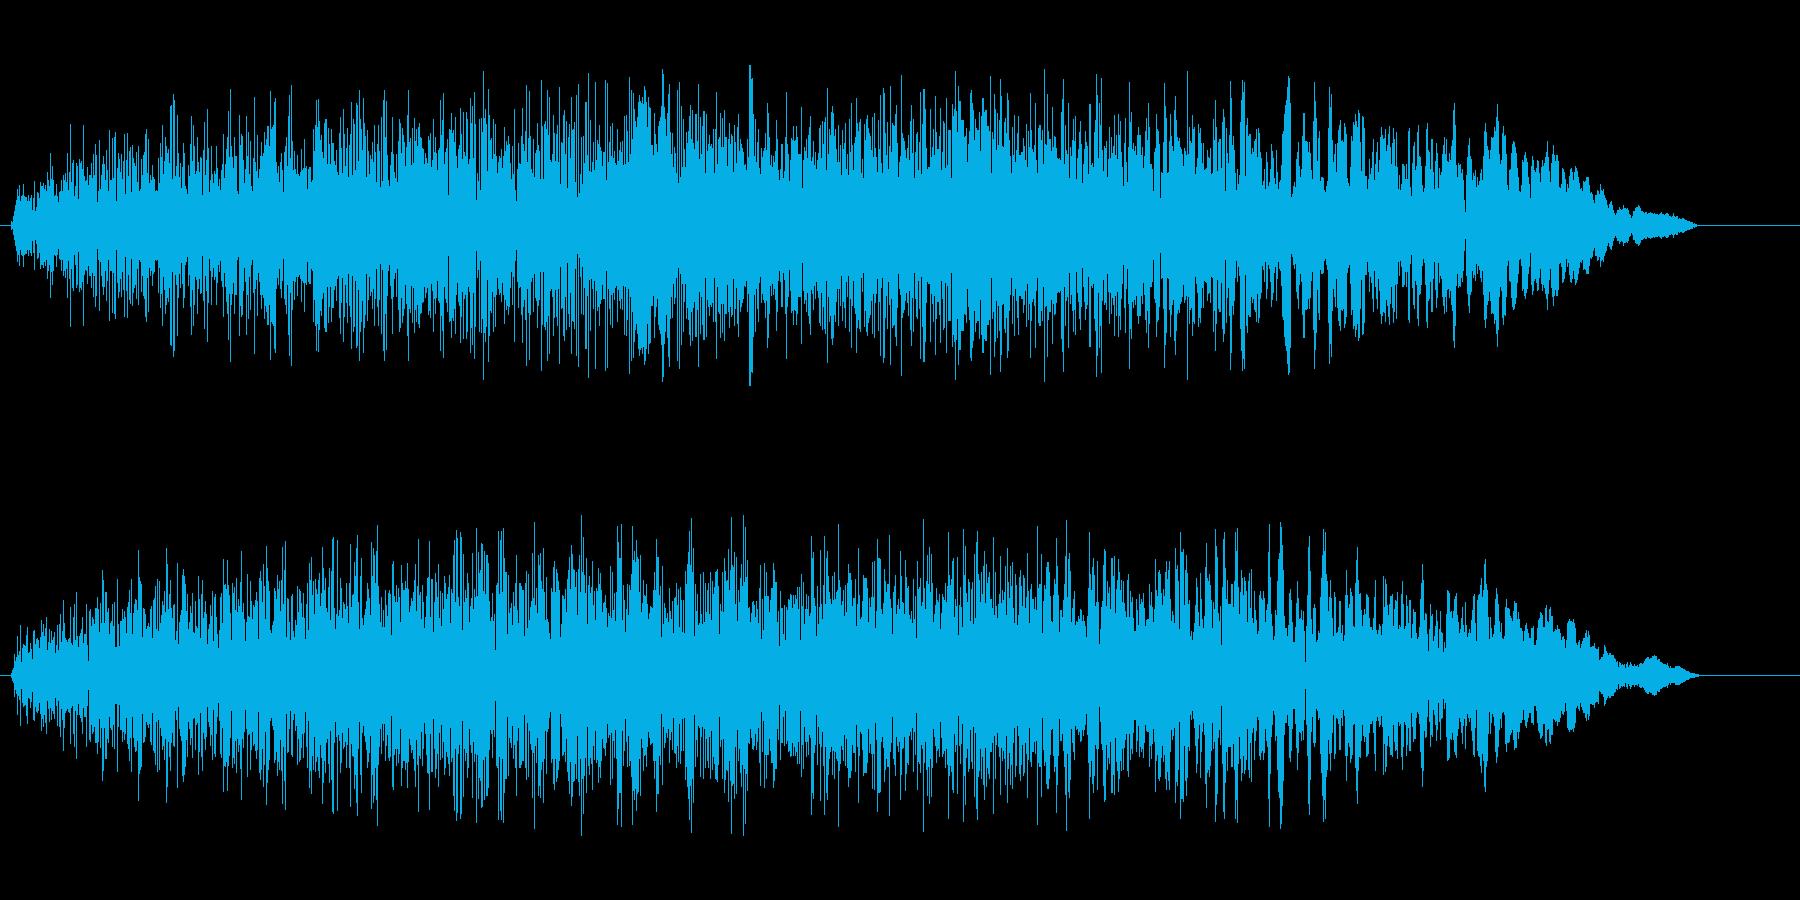 ギュルゥー(耳障りなノイズ)の再生済みの波形